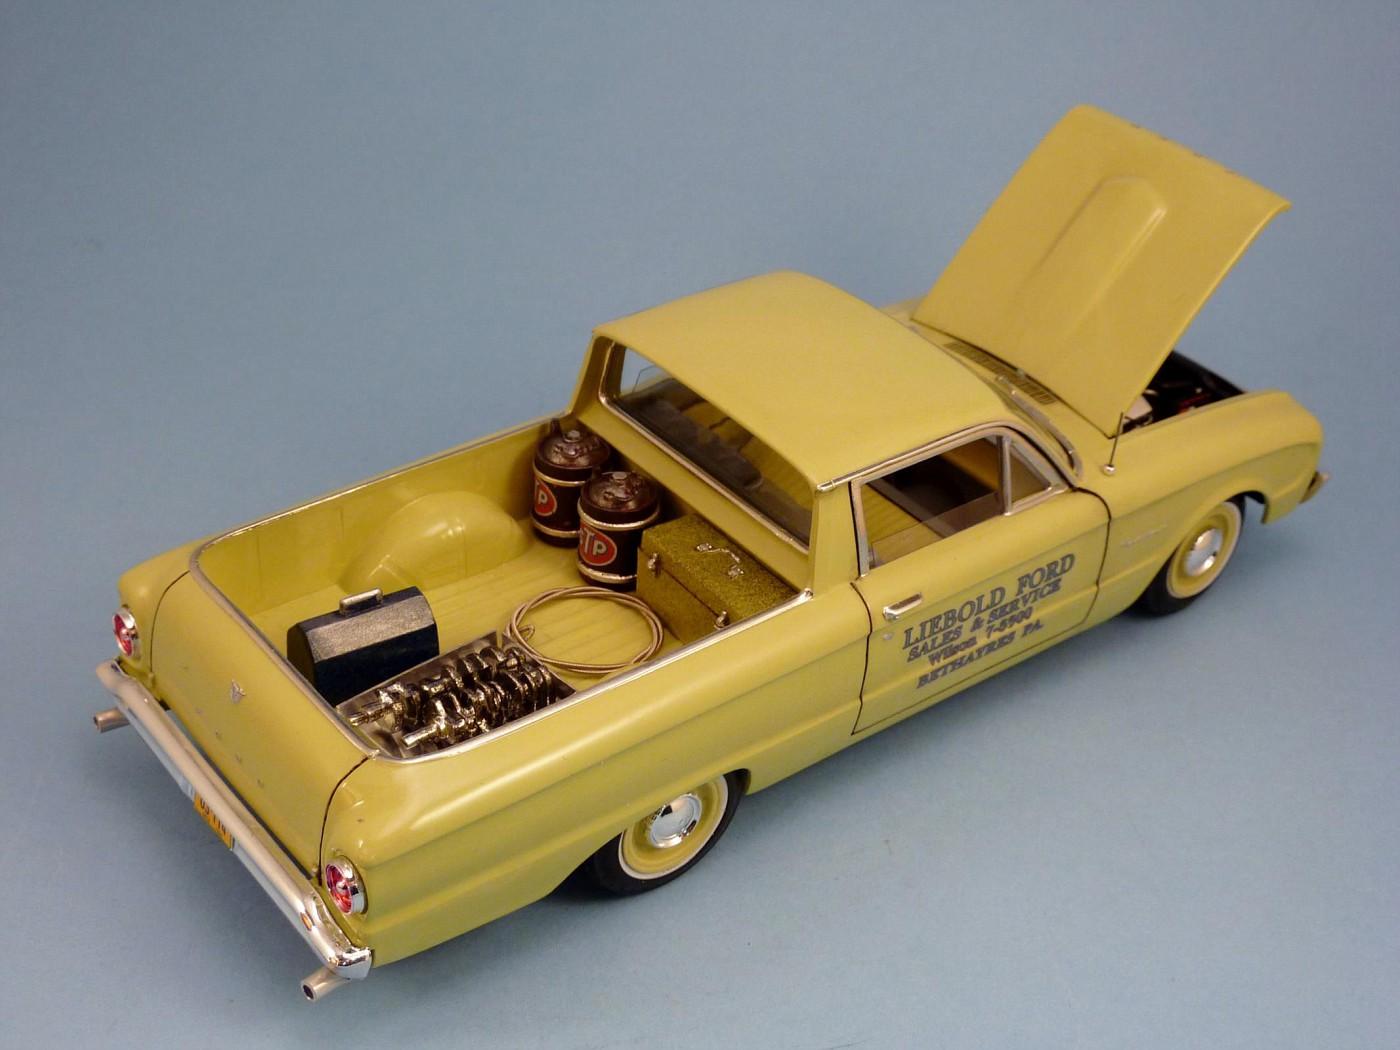 Van Chevy 75 (Vantasy) terminé - Page 5 Photo1-vi